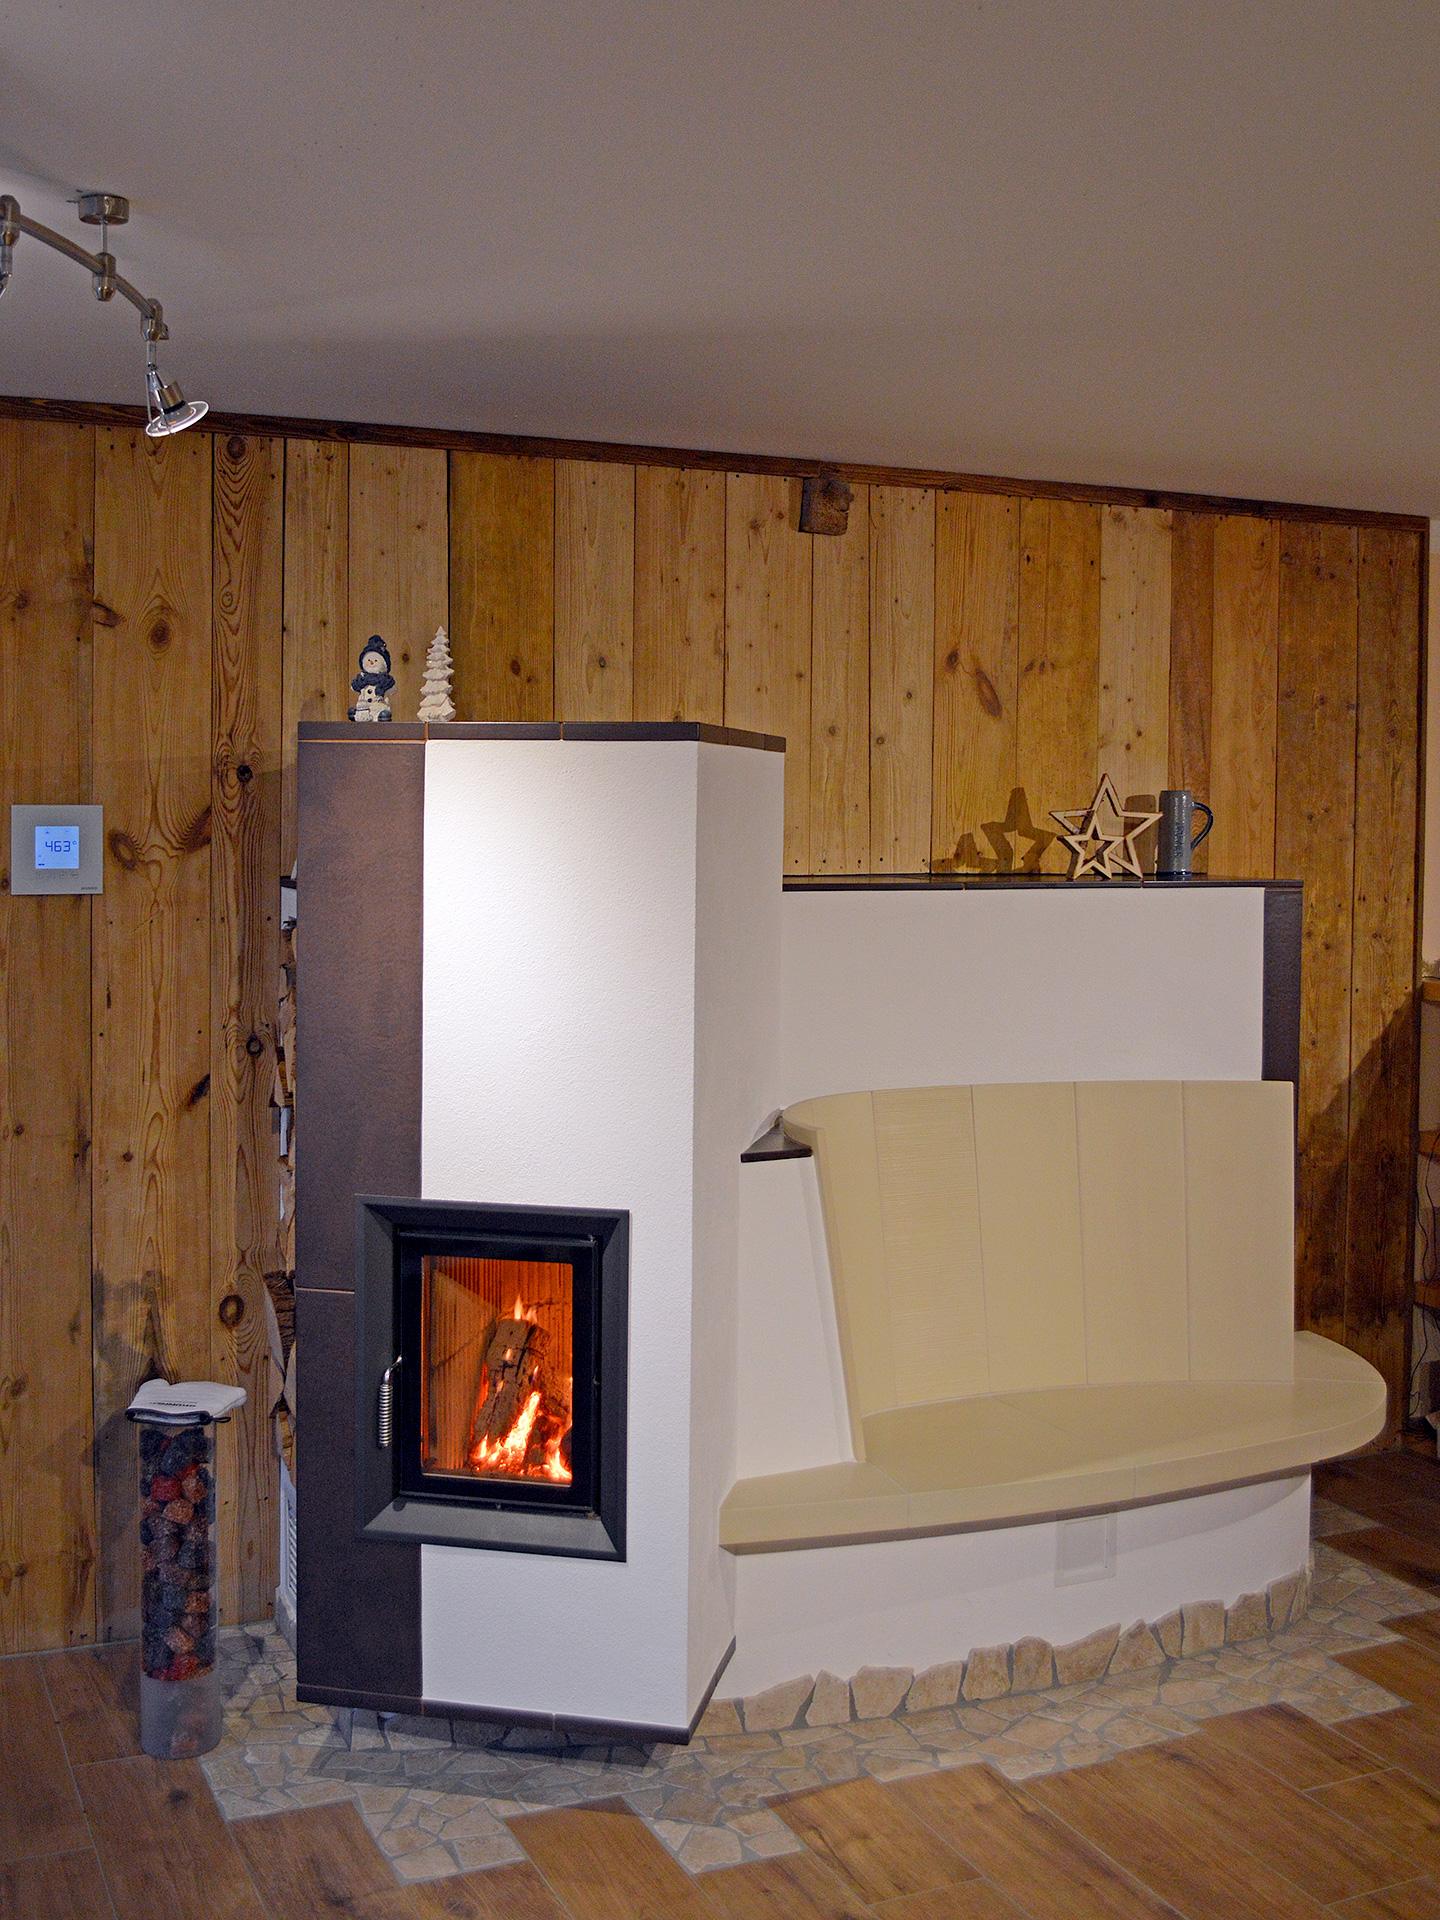 Referenz Ofen- und Kaminbau, Bild 0040